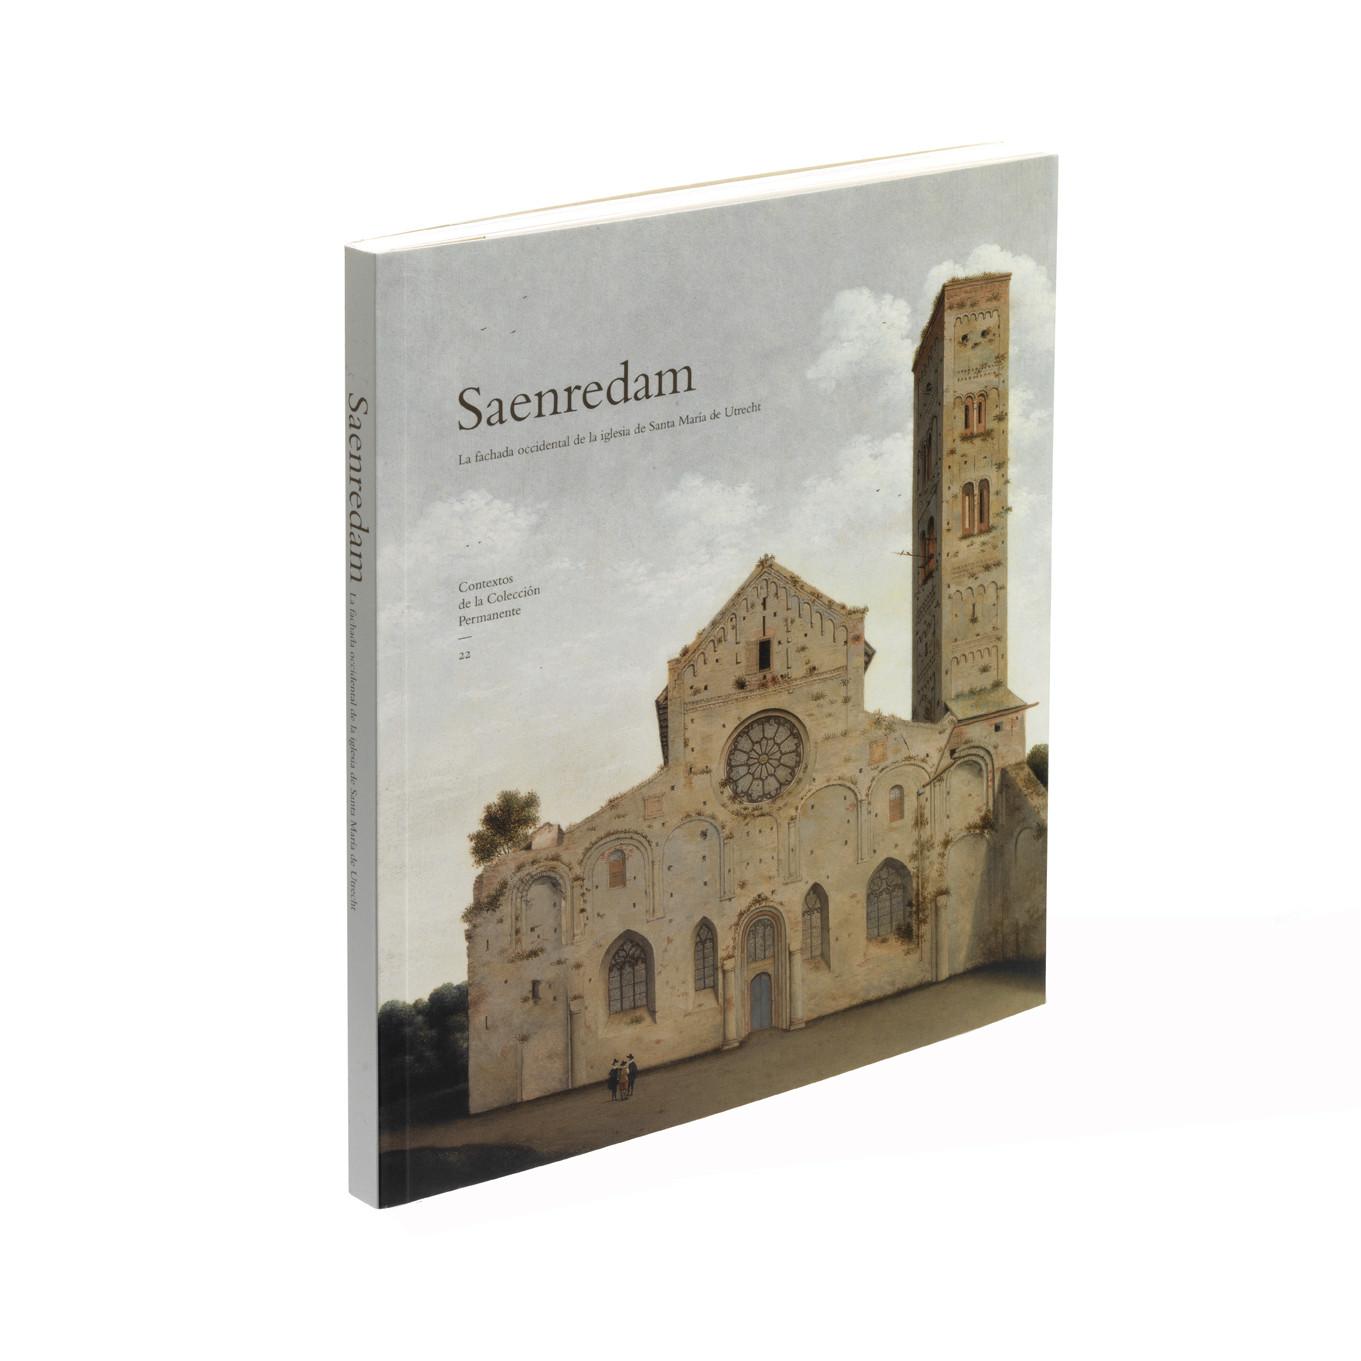 zoom Catálogo de la exposición Saenredam; La fachada occidental de la iglesia de Santa María de Utrecht